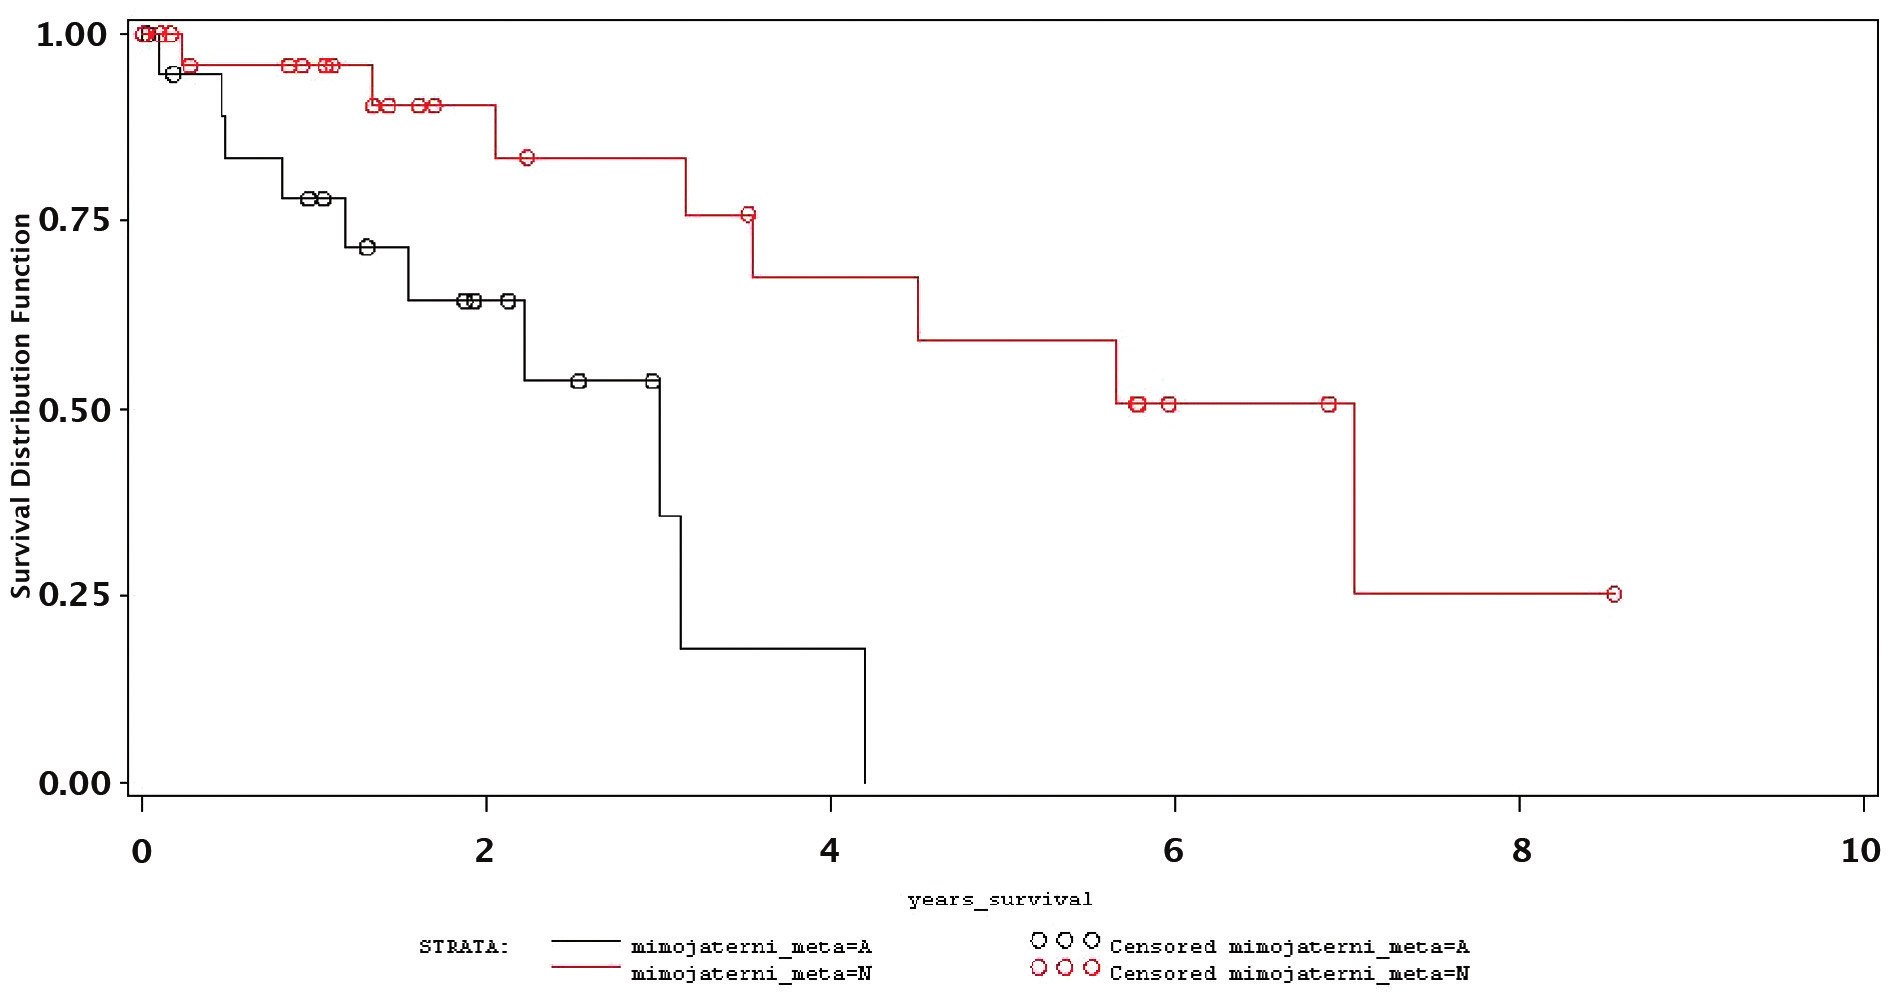 Prognóza nemocných s chirurgicky řešitelnými mimojaterními metastázami Graph 4. Prognosis in patients with surgically-manageable extrahepatic metastases